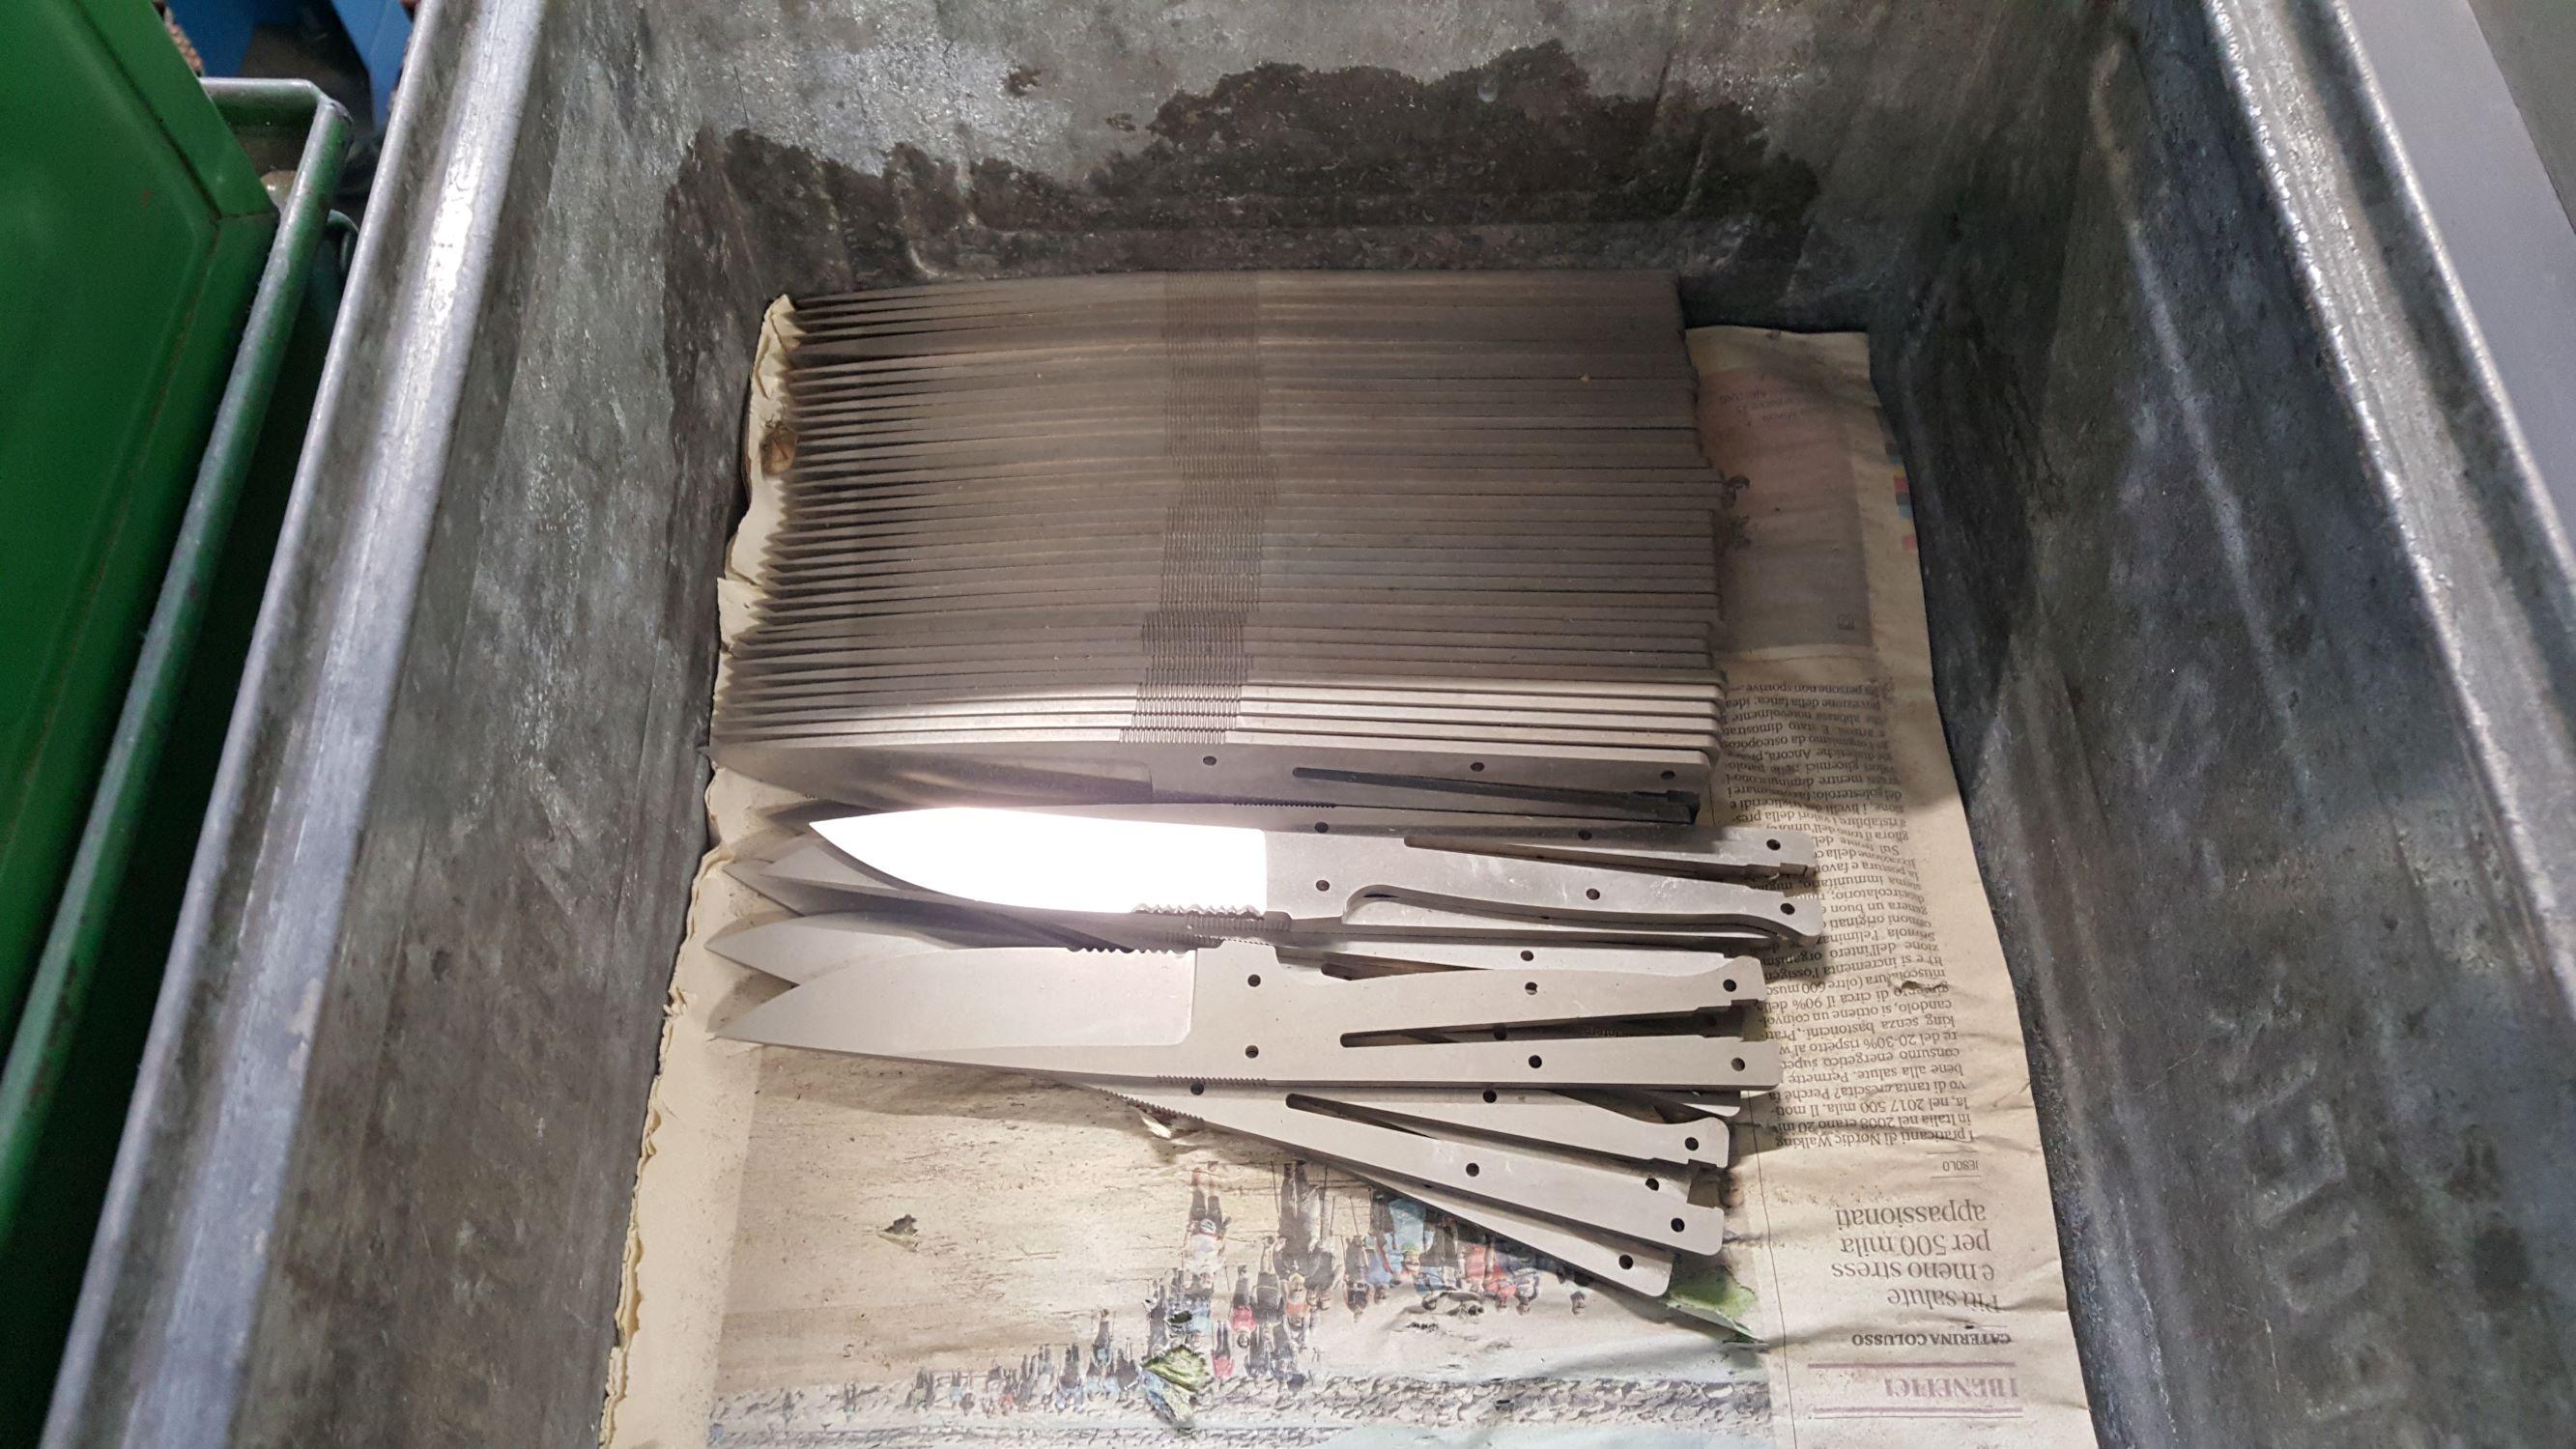 Le lame del Croz sono pronte per la molatura.